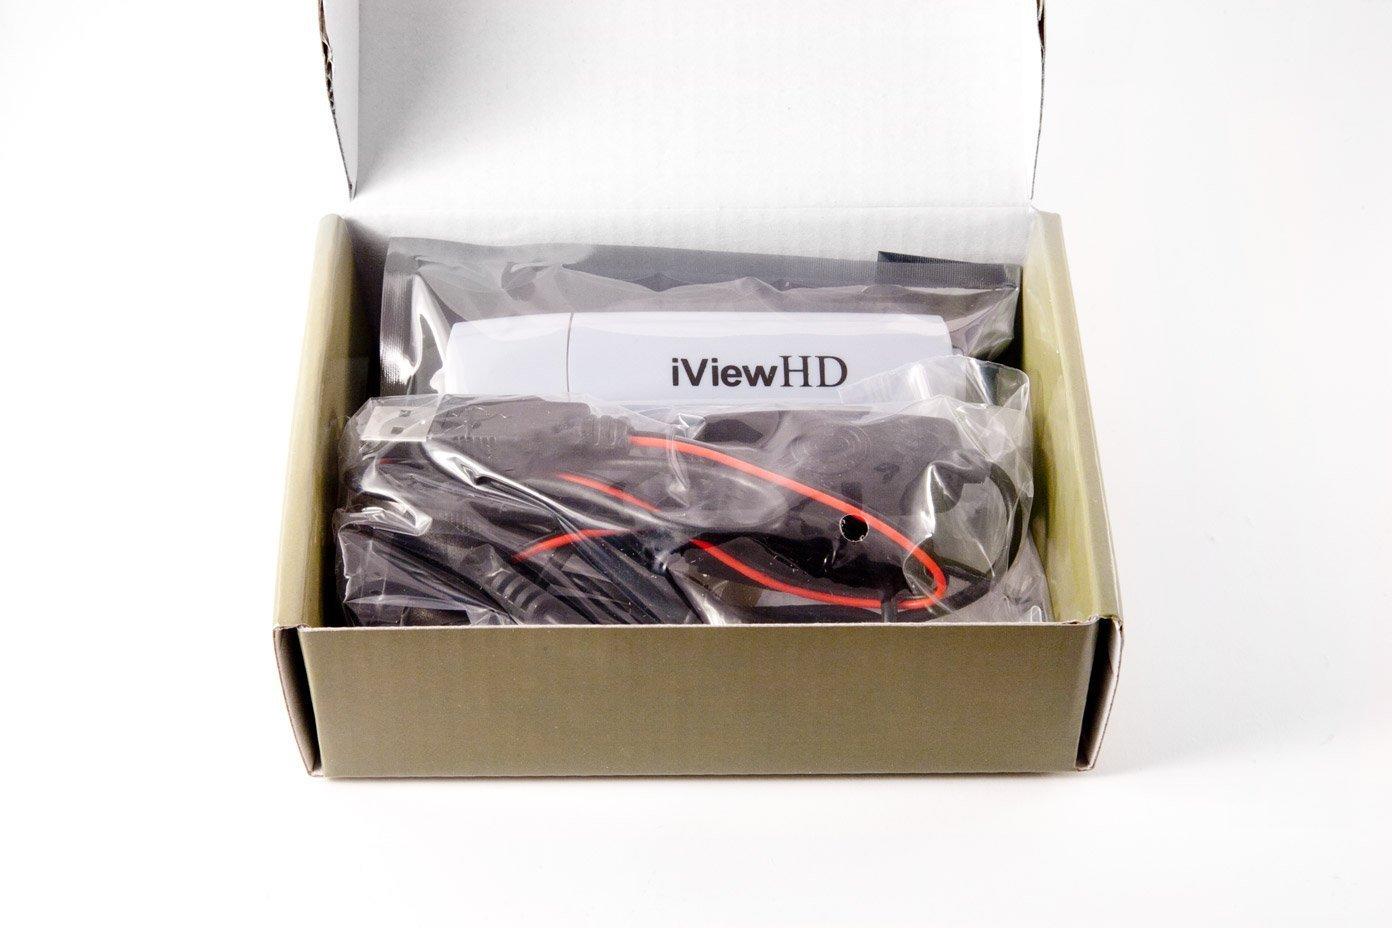 externer DVB-T2-Digital receiver und programmierbare Aufzeichnungsfunktion Vista 8 Full-HD-Fernsehen 1080P PC USB-Anschluss 7 8.1 XP Digi-Stick f/ür Windows 10 TV-Tuner f/ür Computer und Laptop